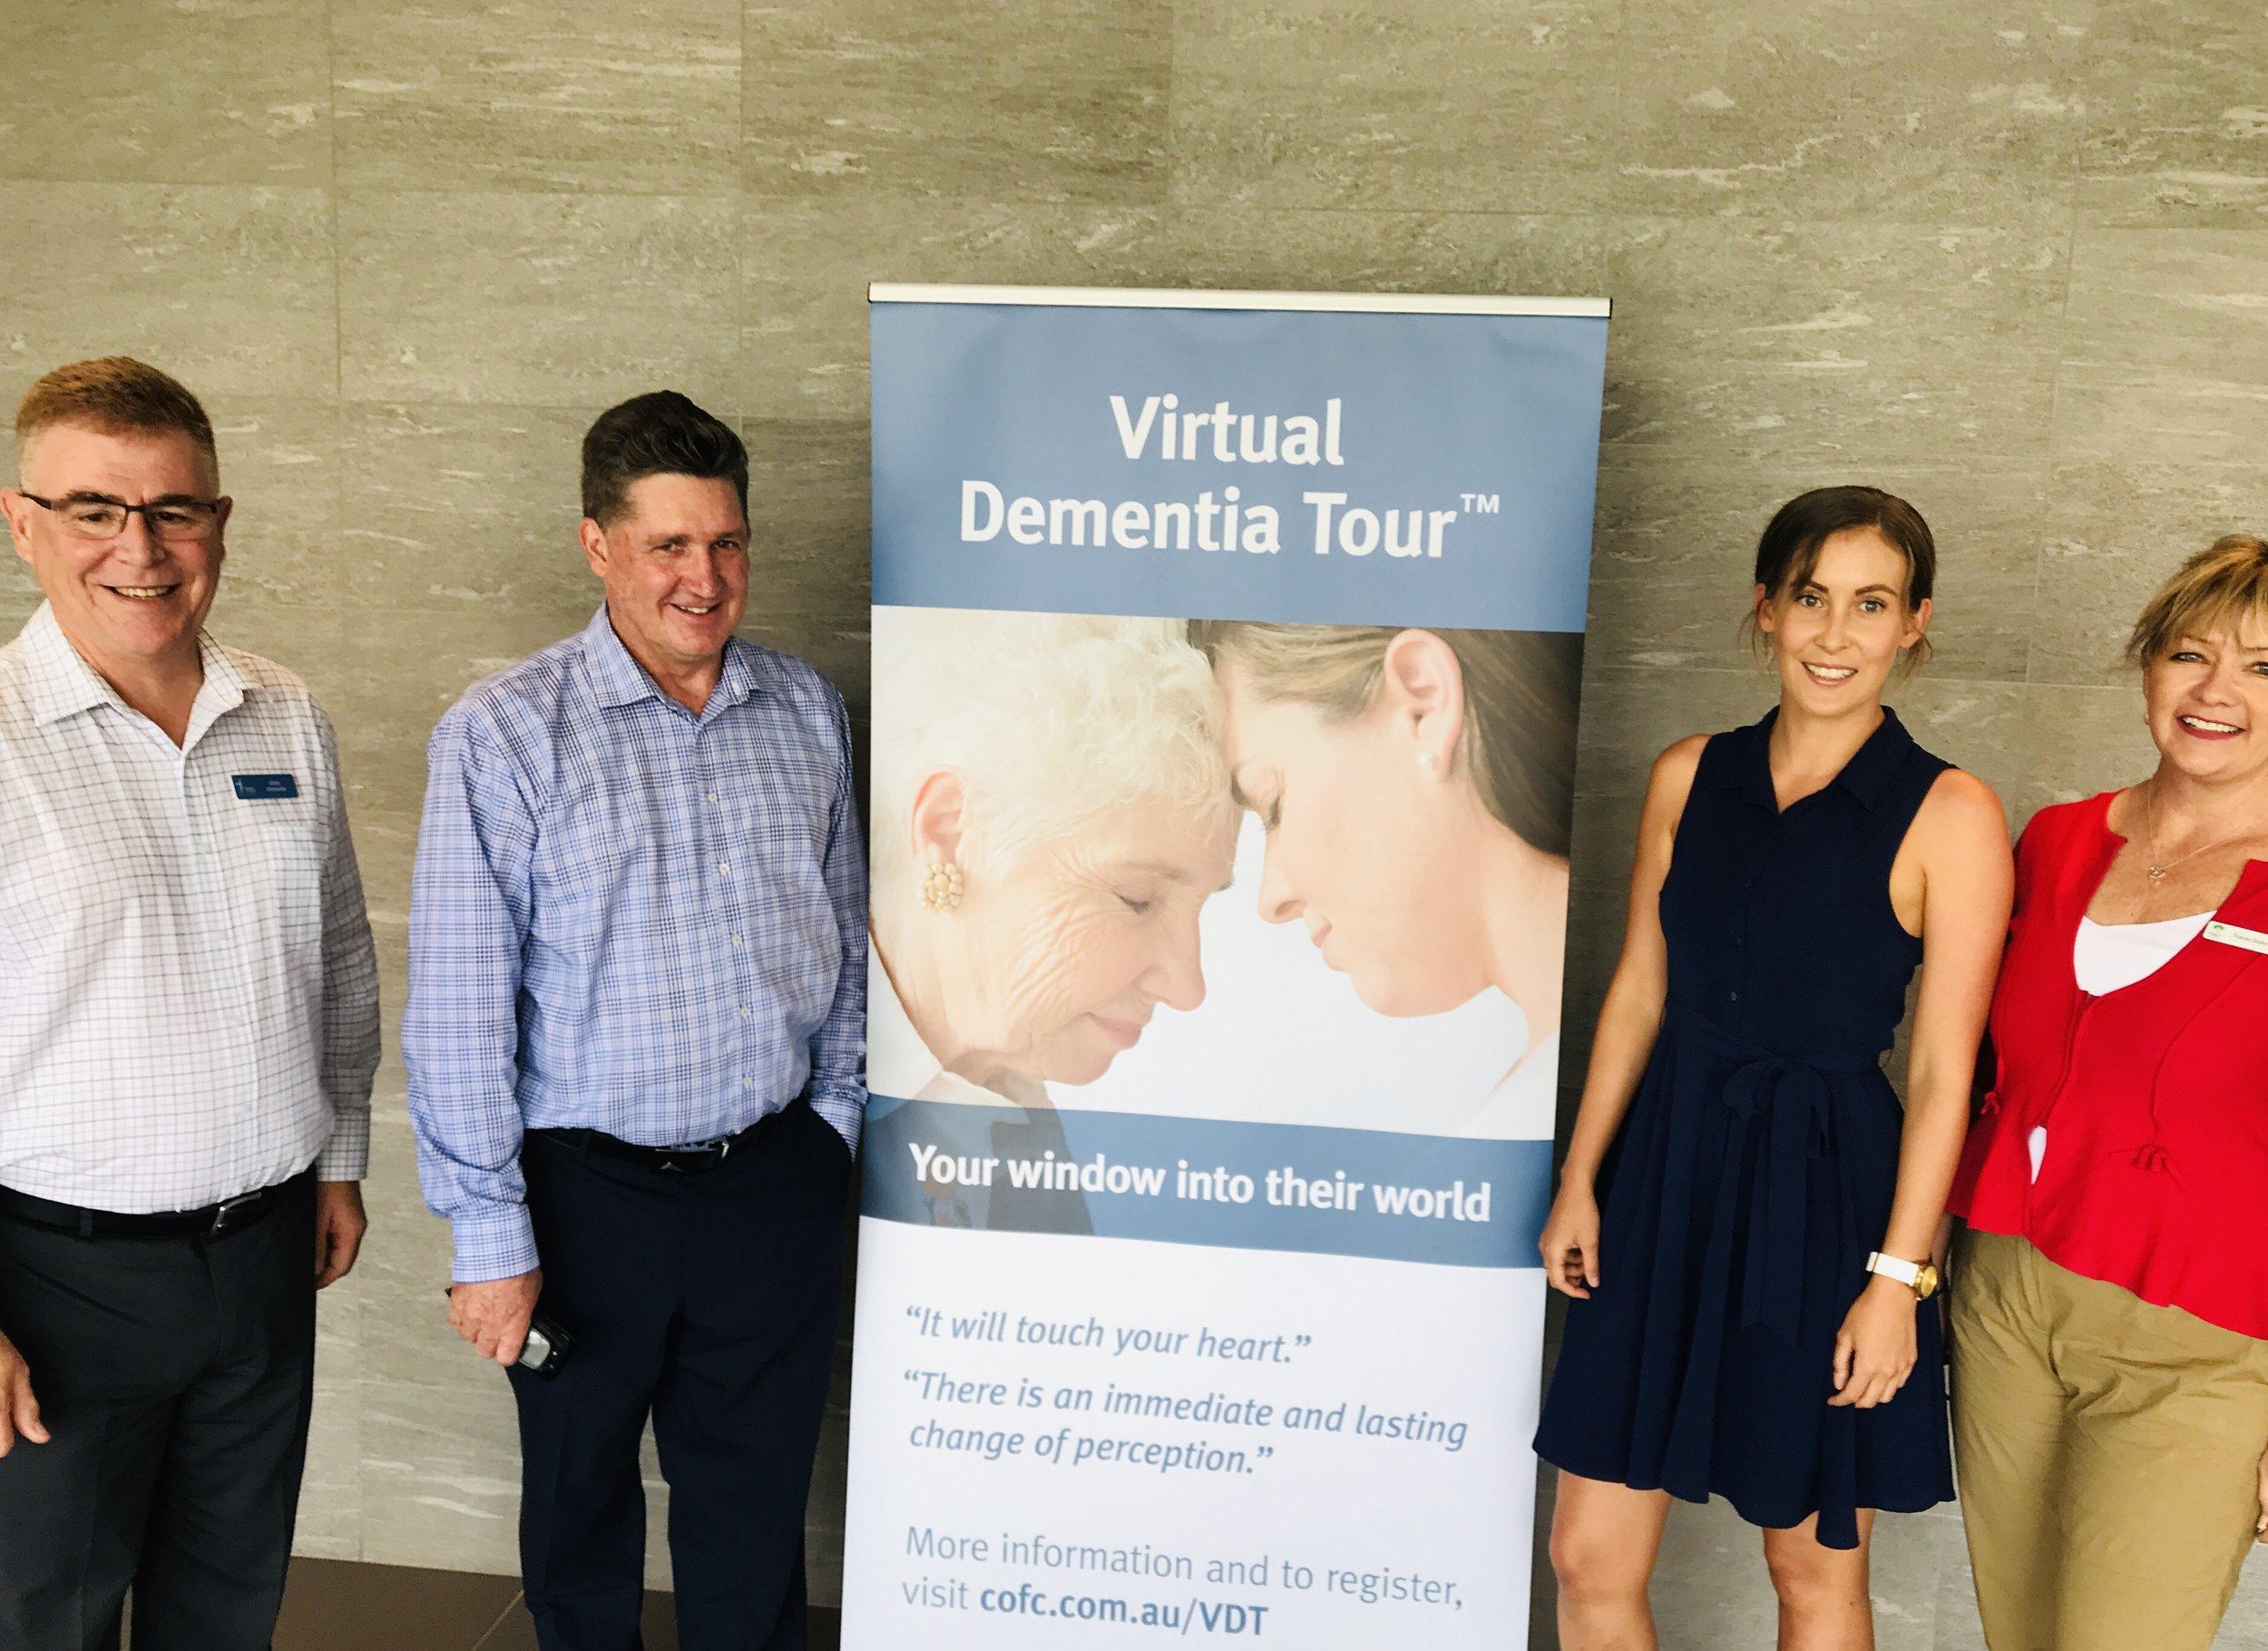 Virtual Dementia Tour